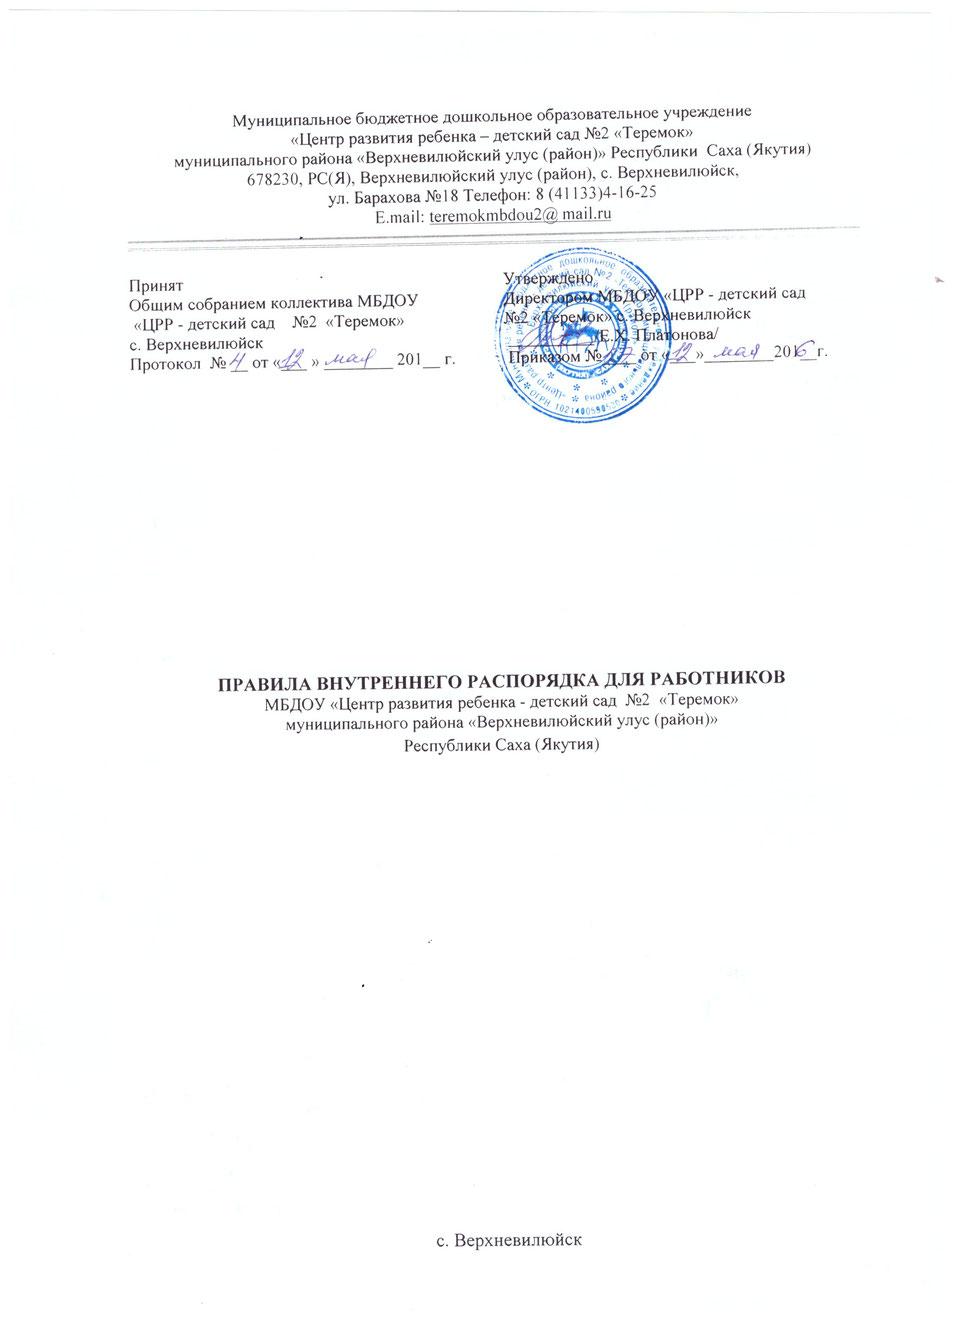 правила внутреннего распорядка муниципального бюджетного учреждения центр культуры и досугасовременн